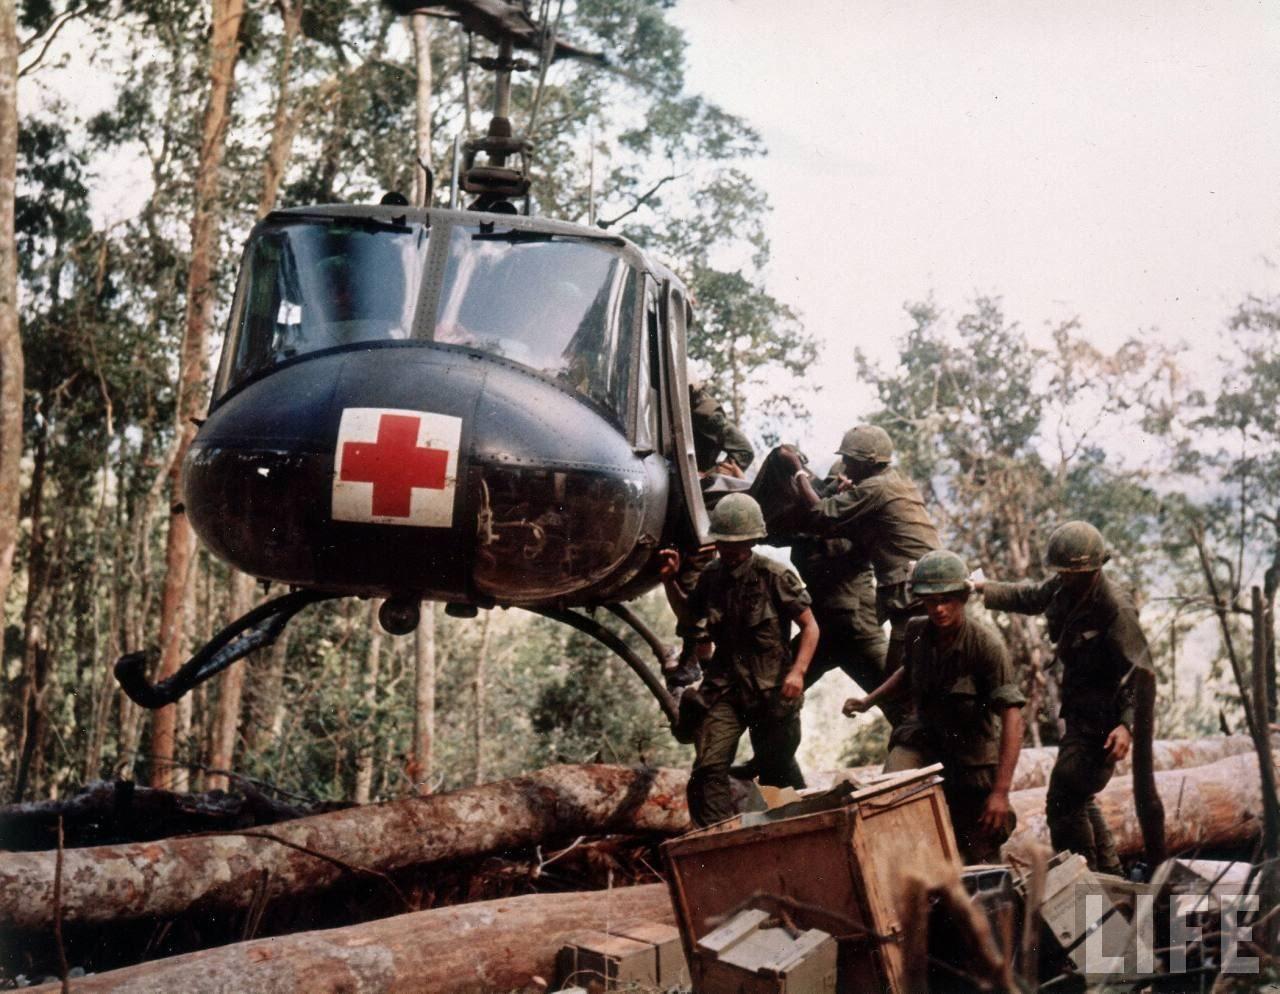 guerre du vietnam - Page 2 5OE0AiApGho